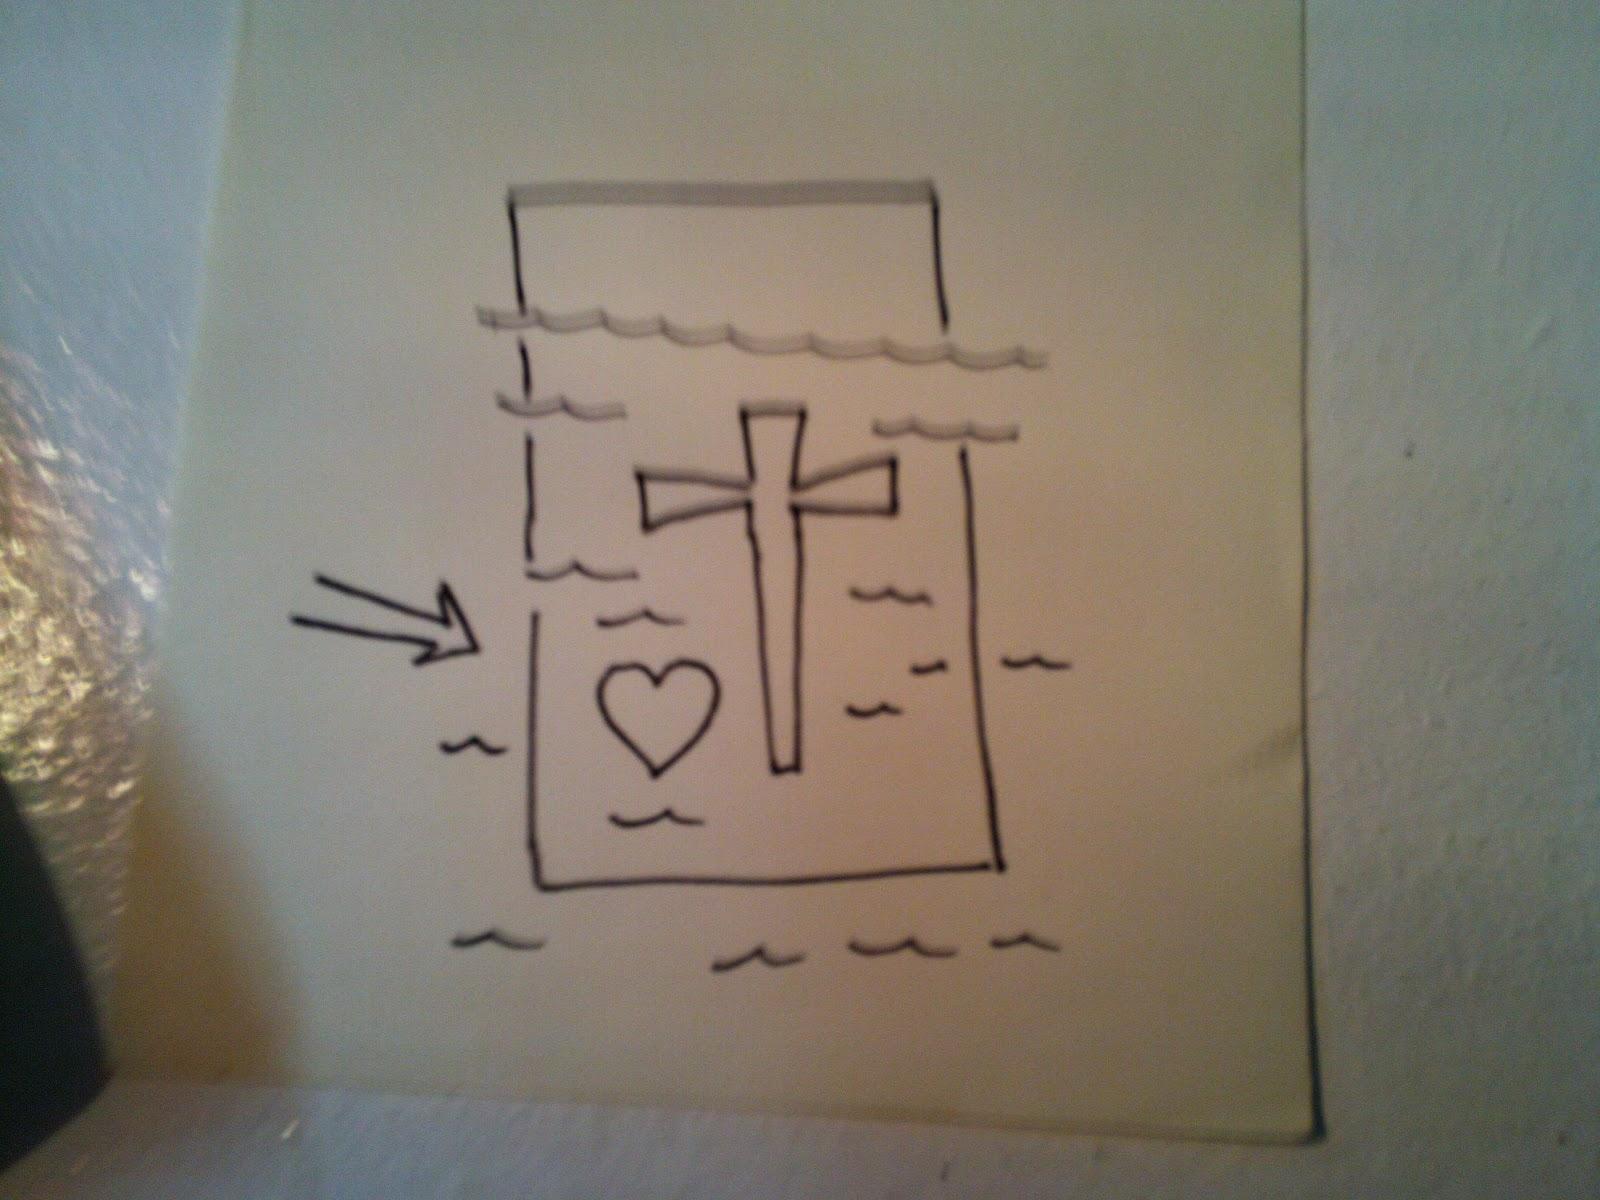 yannick charbonnel religion comment 39 faire 39 de l 39 eau b nite en l 39 absence d 39 un bon pr tre. Black Bedroom Furniture Sets. Home Design Ideas